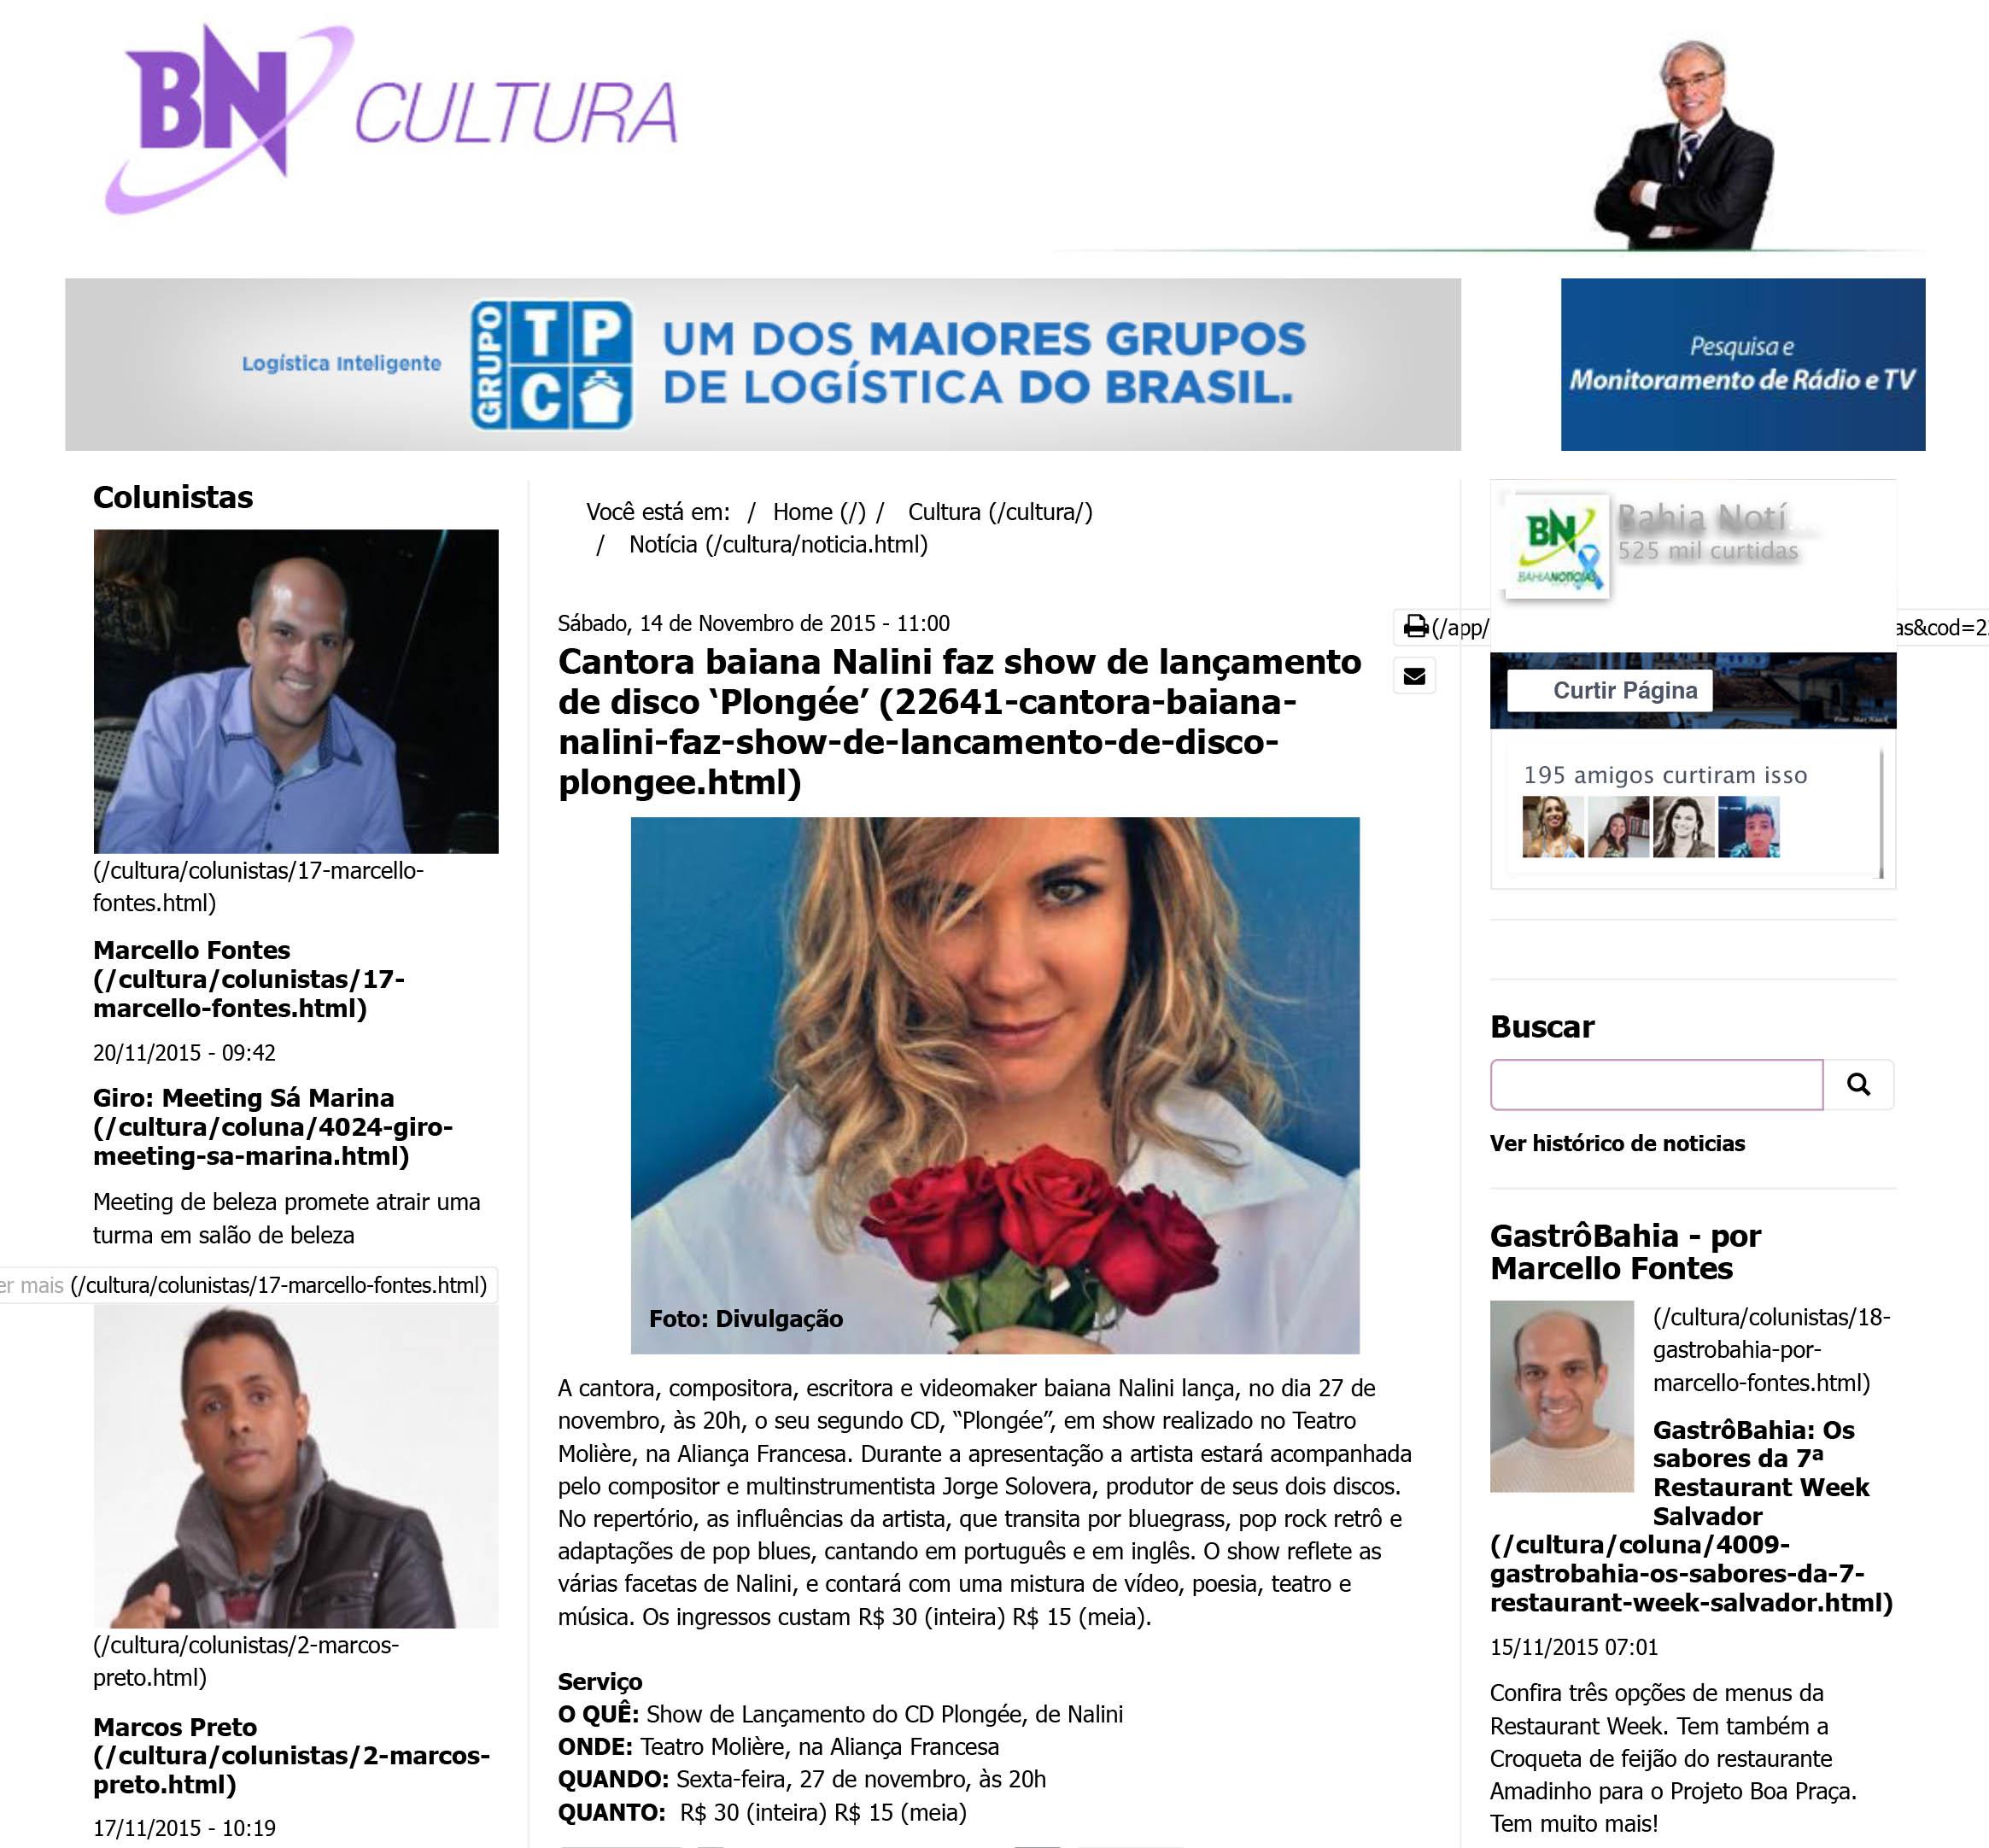 2015-11-20 Bahia Noticias Cultura